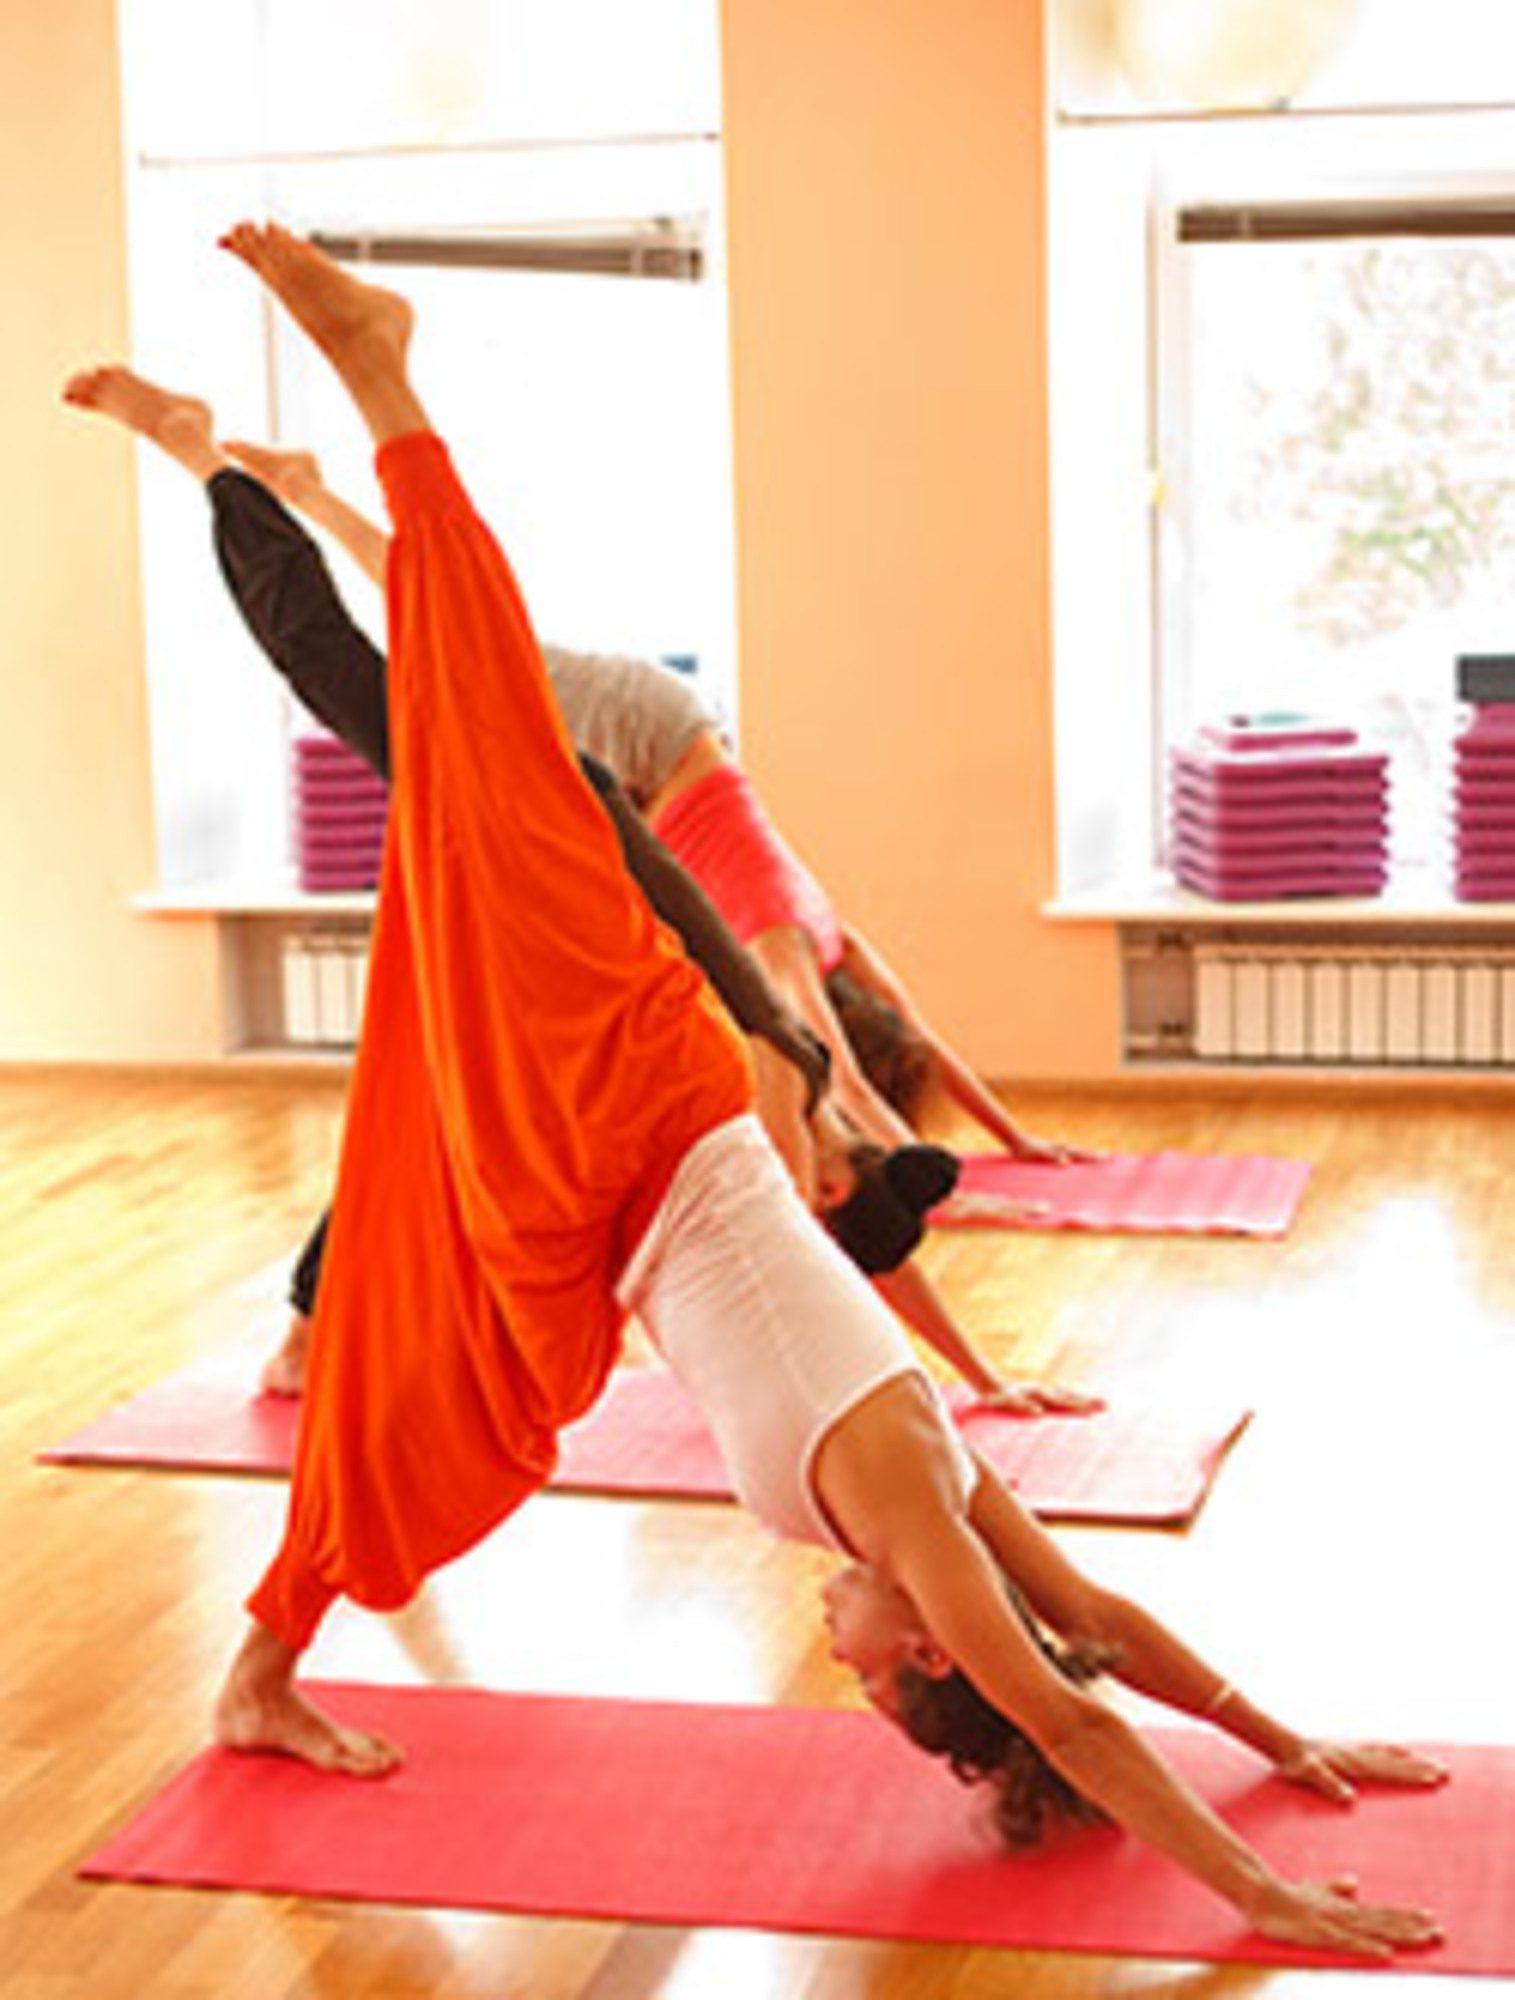 Hathatós hatha jóga  – gyakorlás a teljesség igényével